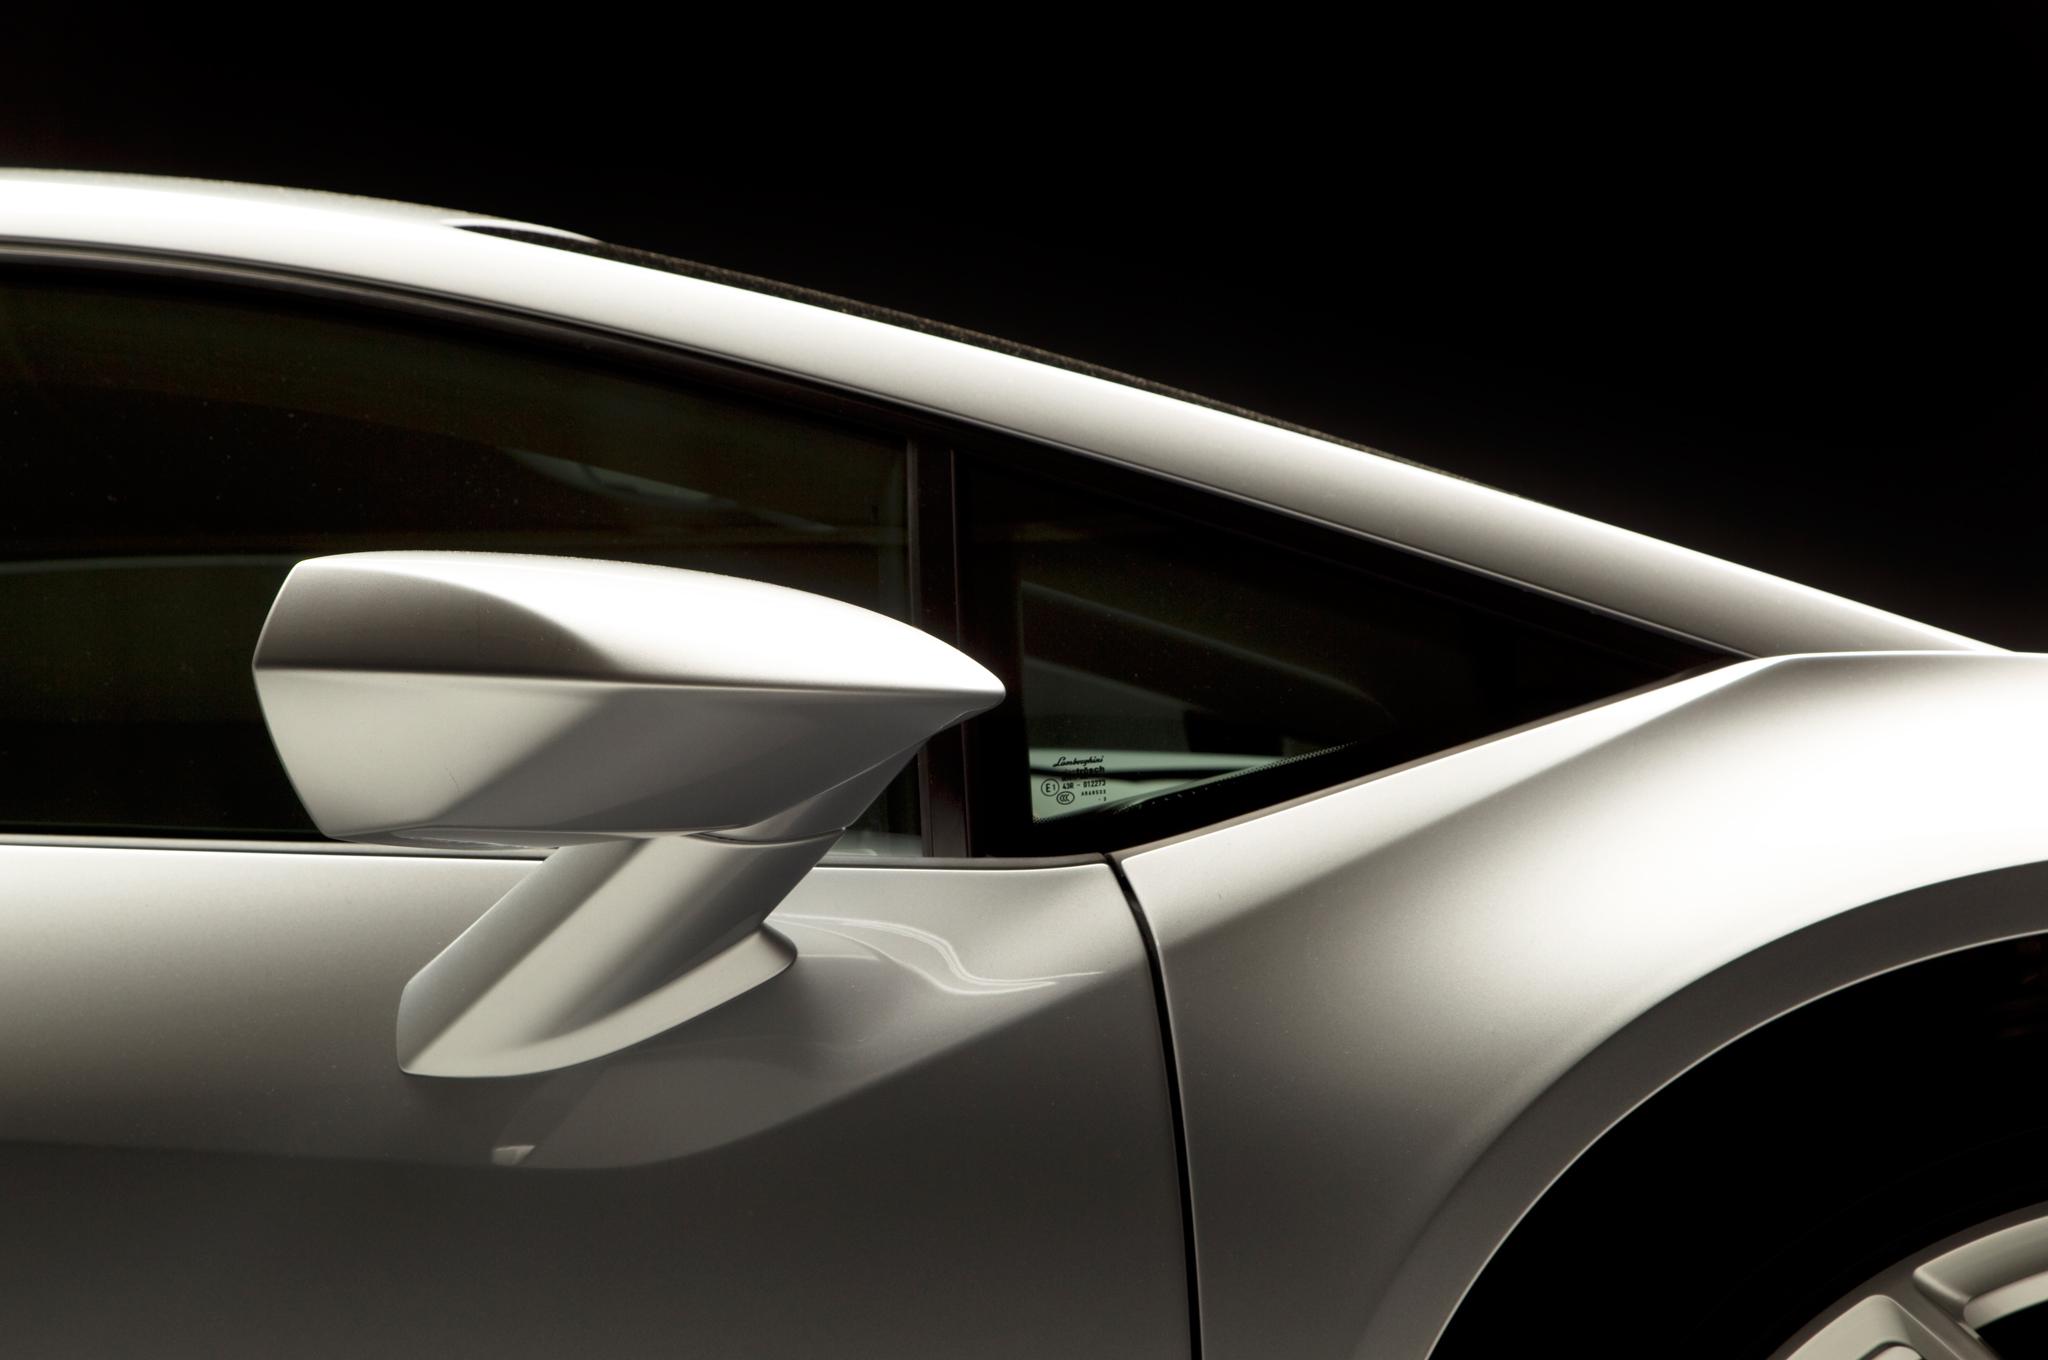 http—image.motortrend.com-f-roadtests-exotic-1312_2015_lamborghini_huracan_first_look-59412083-2015-Lamborghini-Huracan-rearview-mirror-02